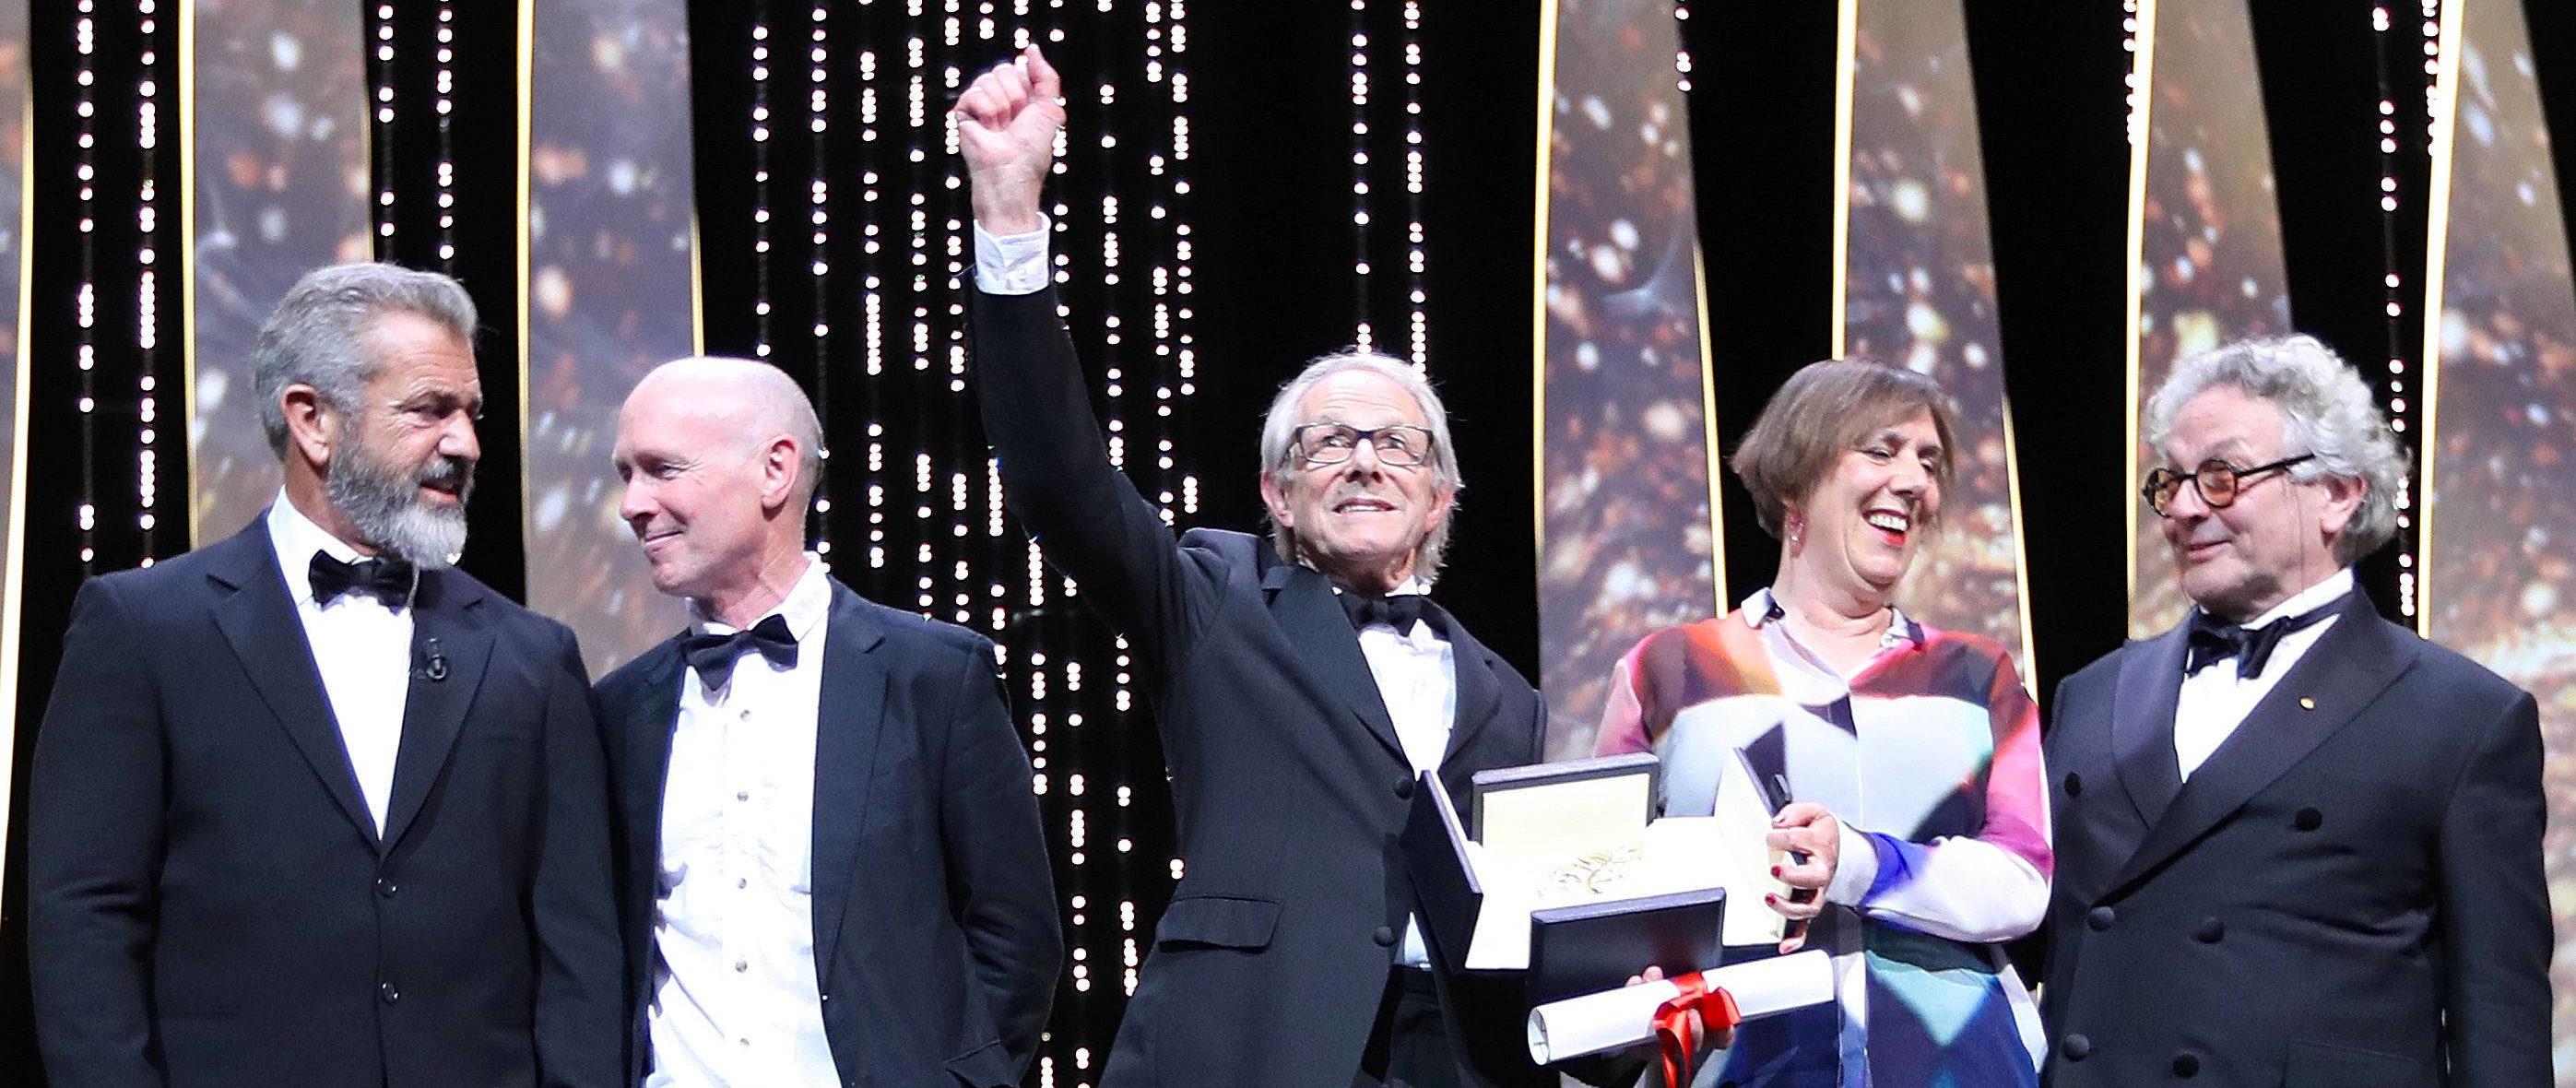 Unter sich: Regisseur Ken Loach (M.) mit dem amerikanischen Schauspieler Mel Gibson (l.), dem britischen Drehbuchautoren Paul Laverty, der Produzentin Rebecca O'Brien und dem australischen Regisseur und Jury-Präsidenten George Miller